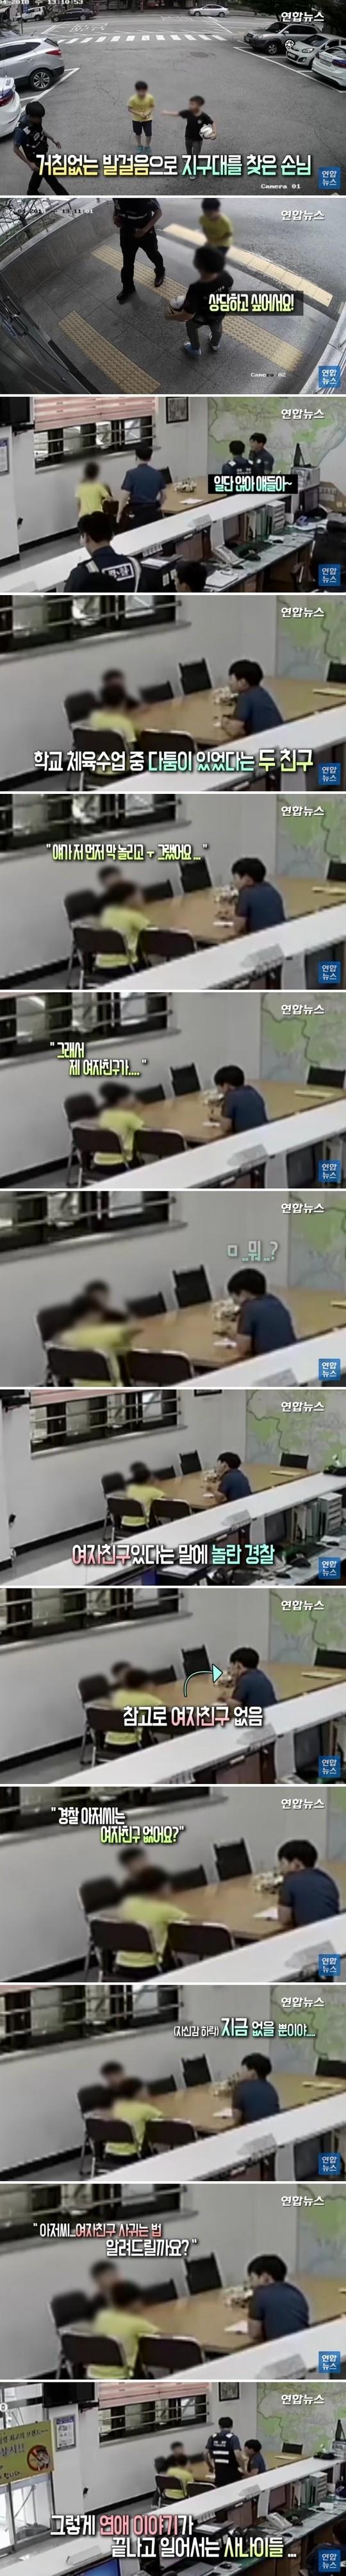 경찰서에 상담 받으러 온 초등학생.